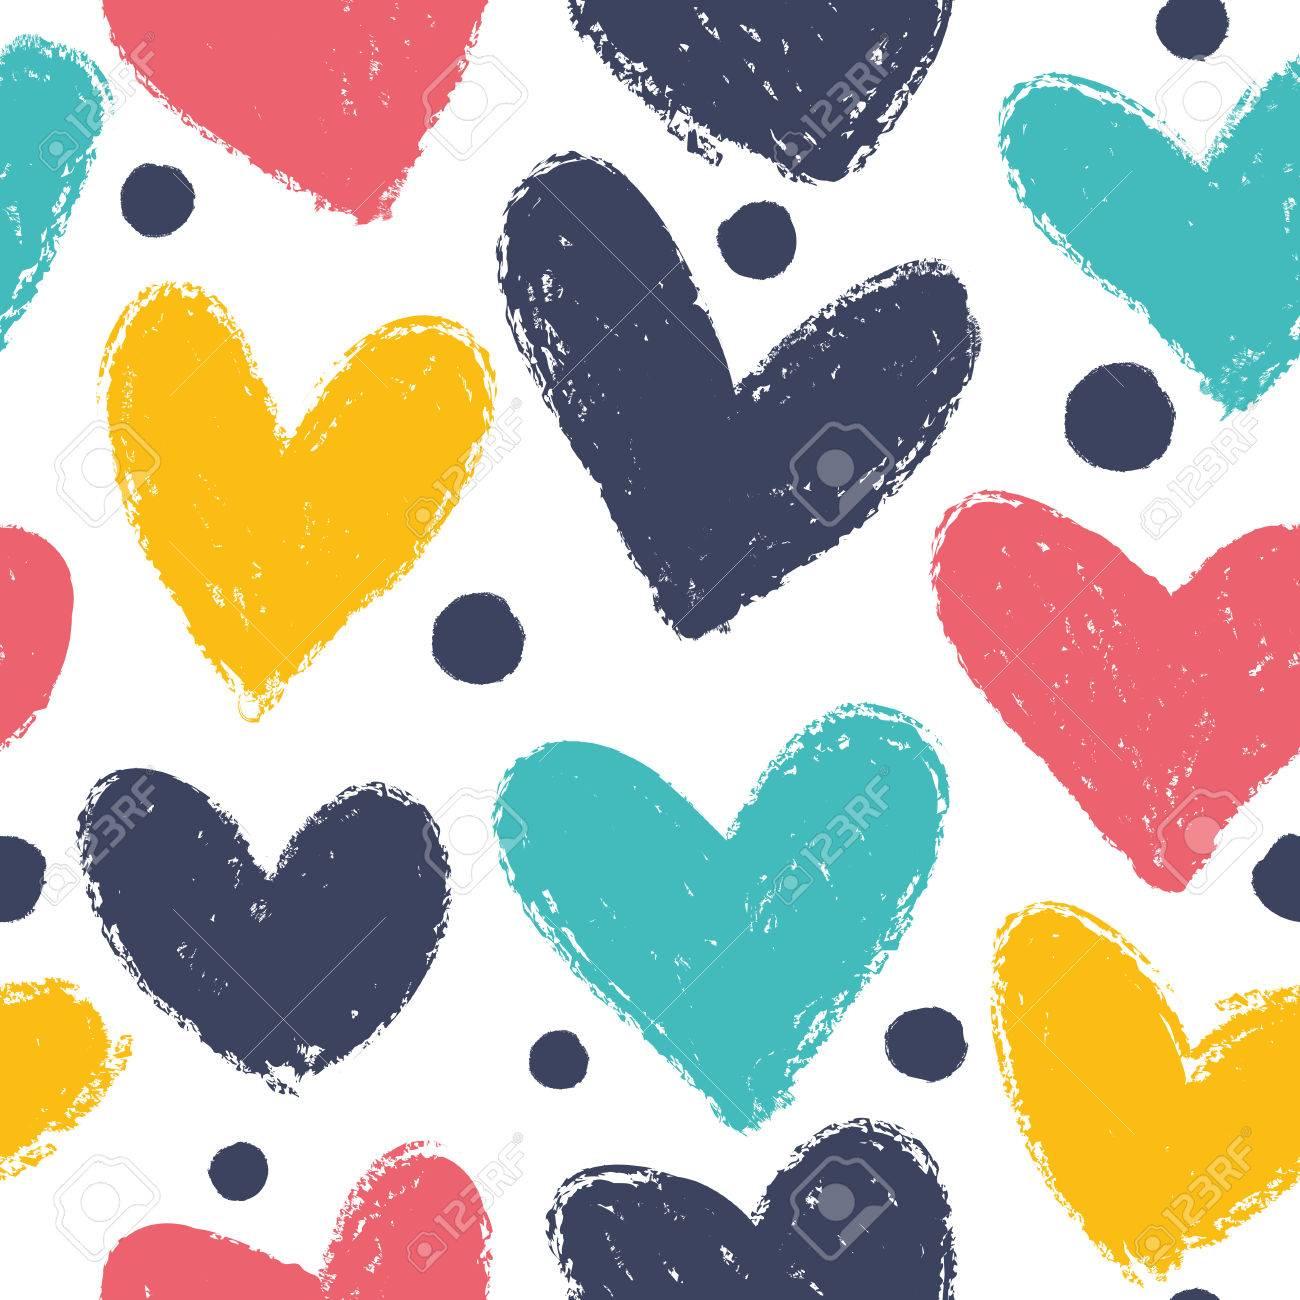 Fein Valentinstag Bilder Zu Färben Ideen - Malvorlagen Von Tieren ...